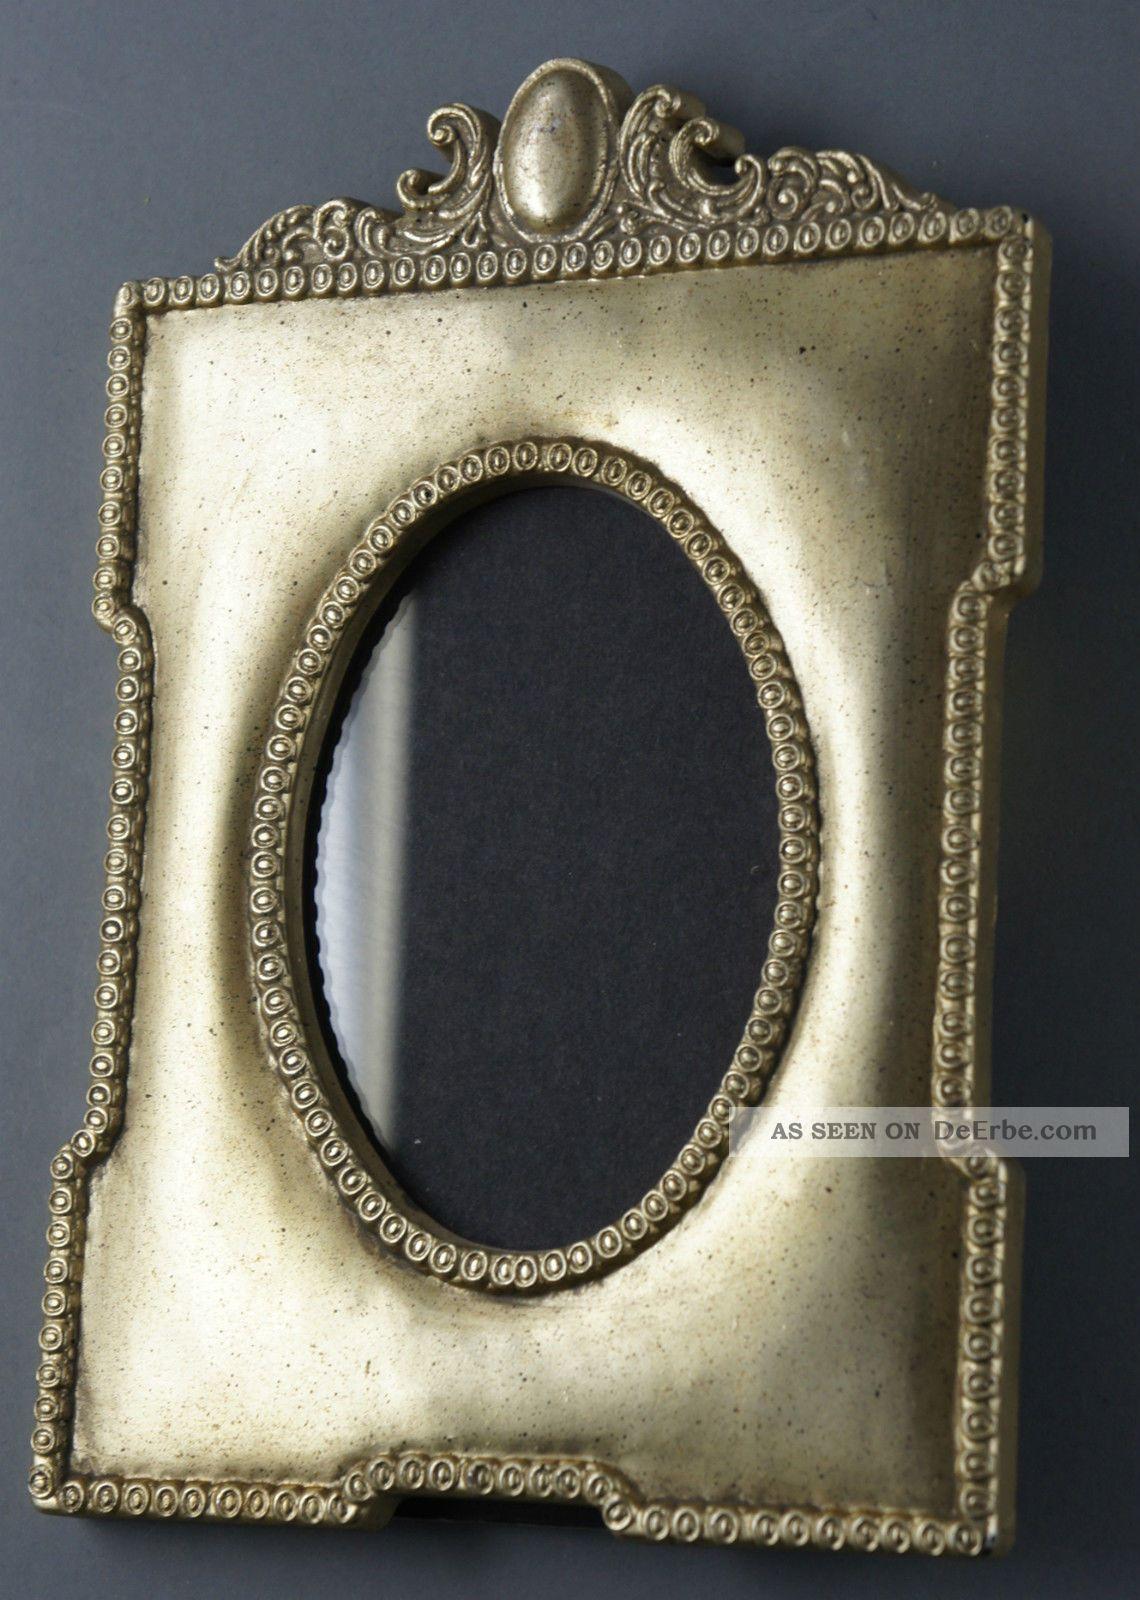 Dekorativer Kunststoff - Fotorahmen, Historismus - Stil, 14x20 Cm, Glas.